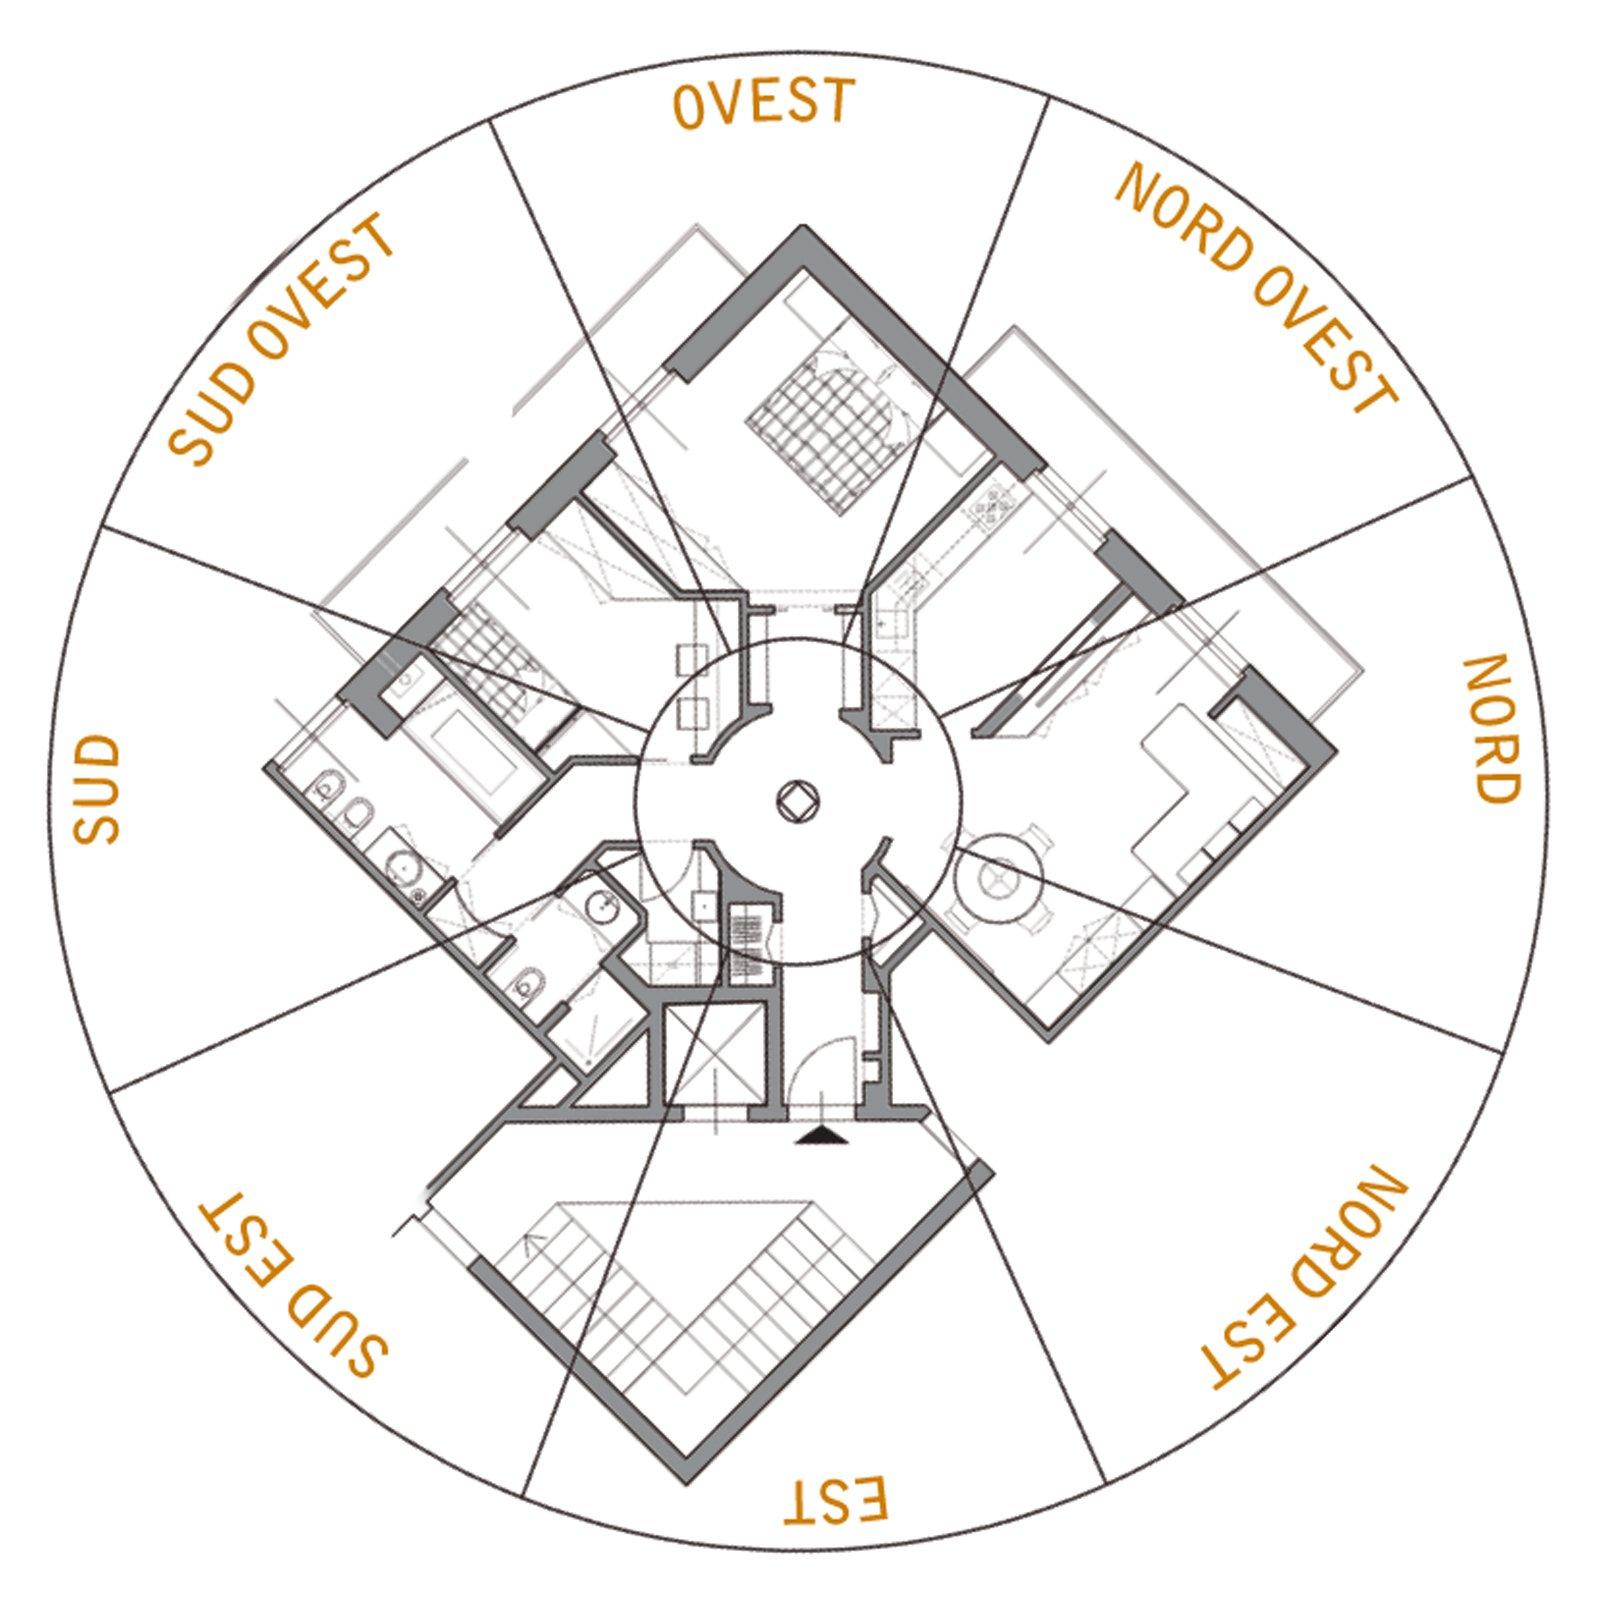 75 mq un trilocale pensato per il benessere cose di casa - Orientamento letto feng shui ...